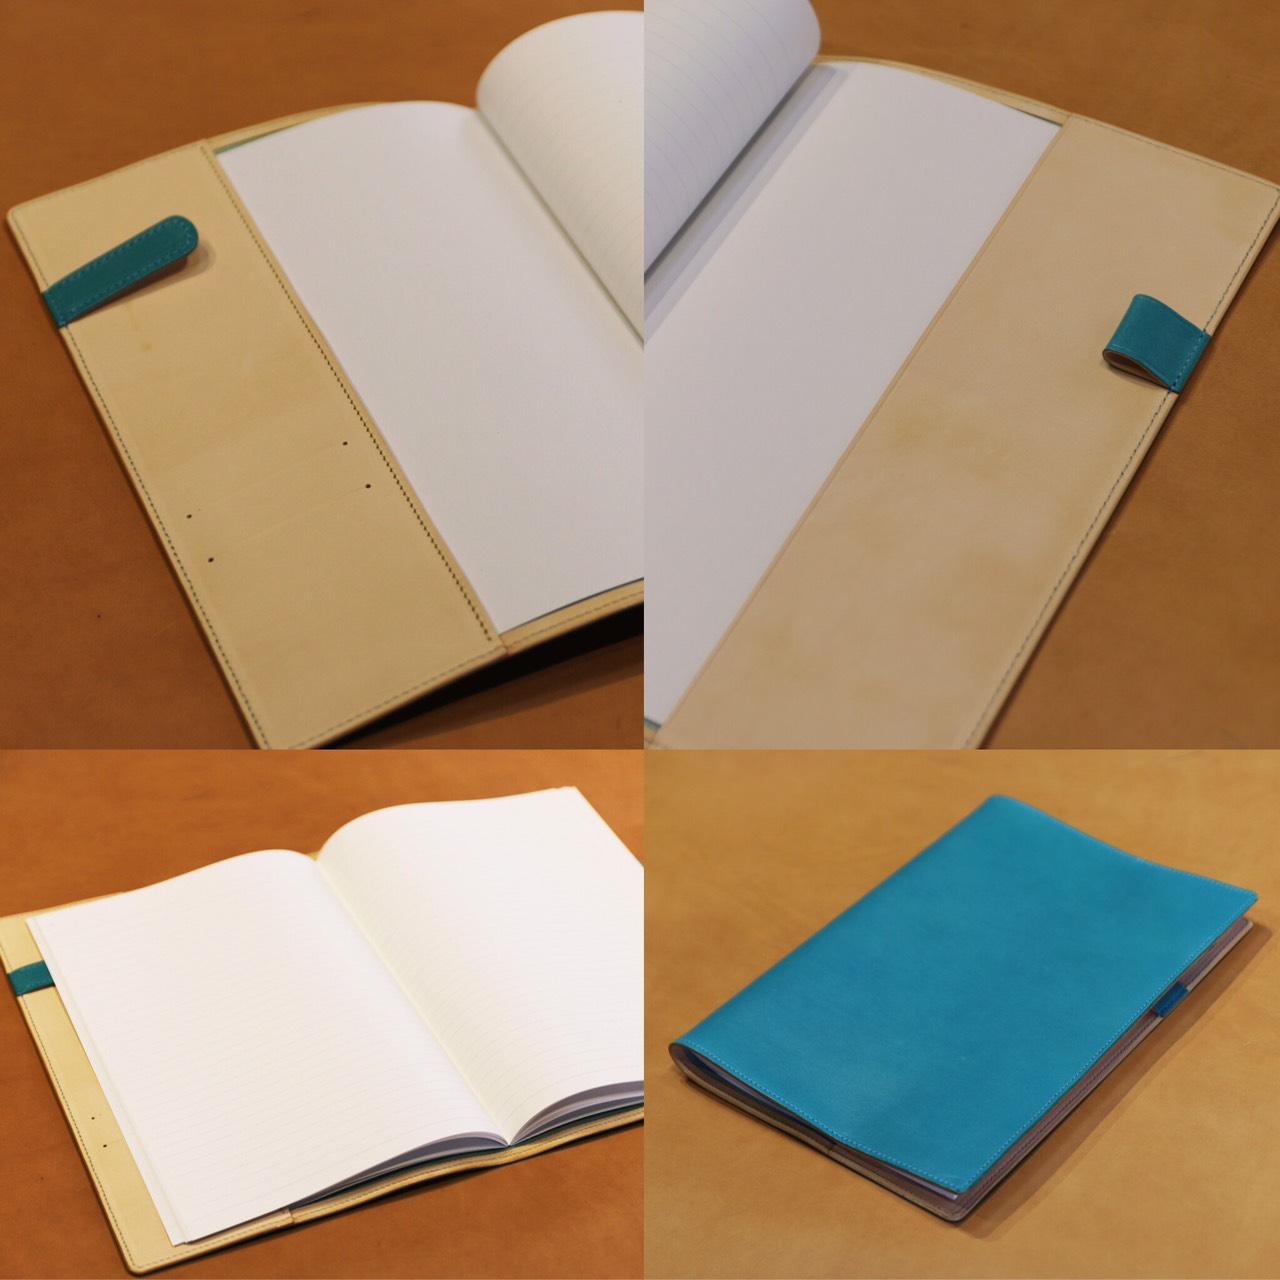 画像1: 【フルオーダーメイド】B5サイズノートカバー (1)